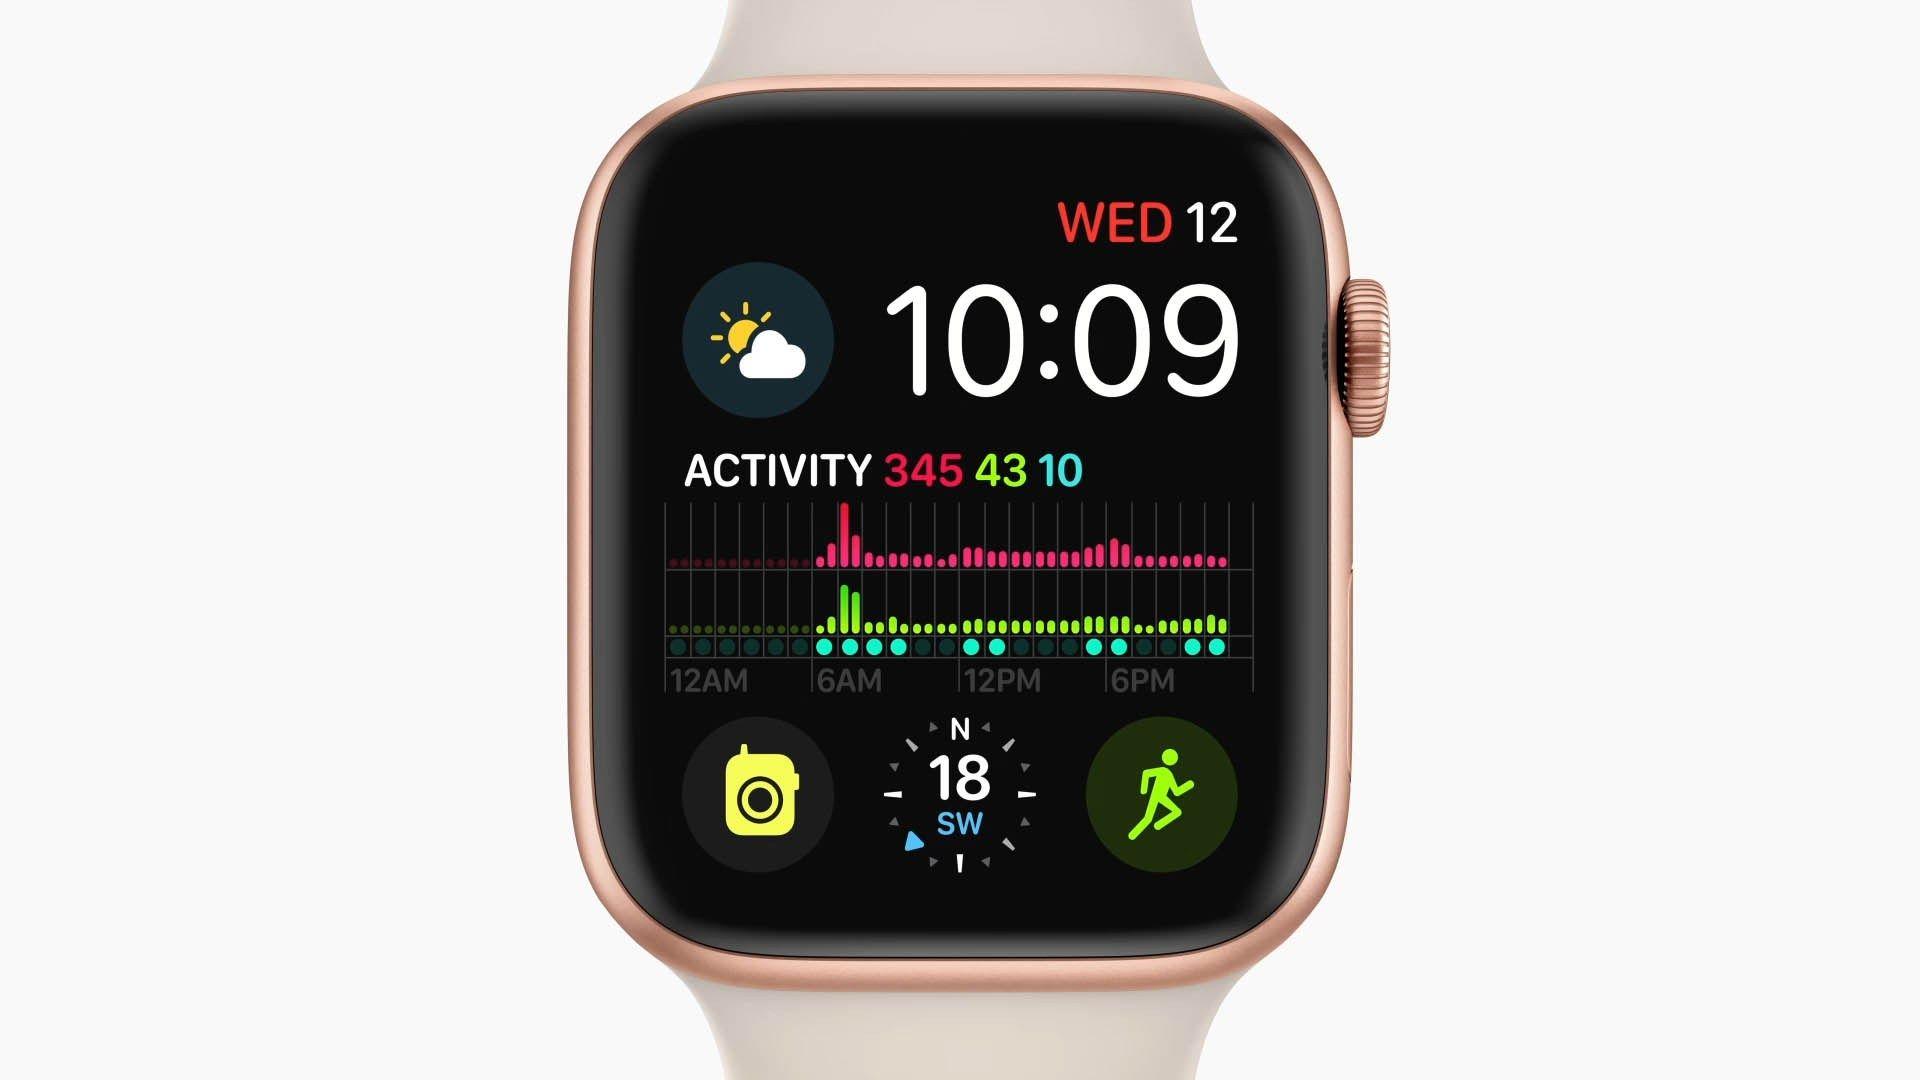 Firma Apple na pierwszym miejscu na rynku wearables